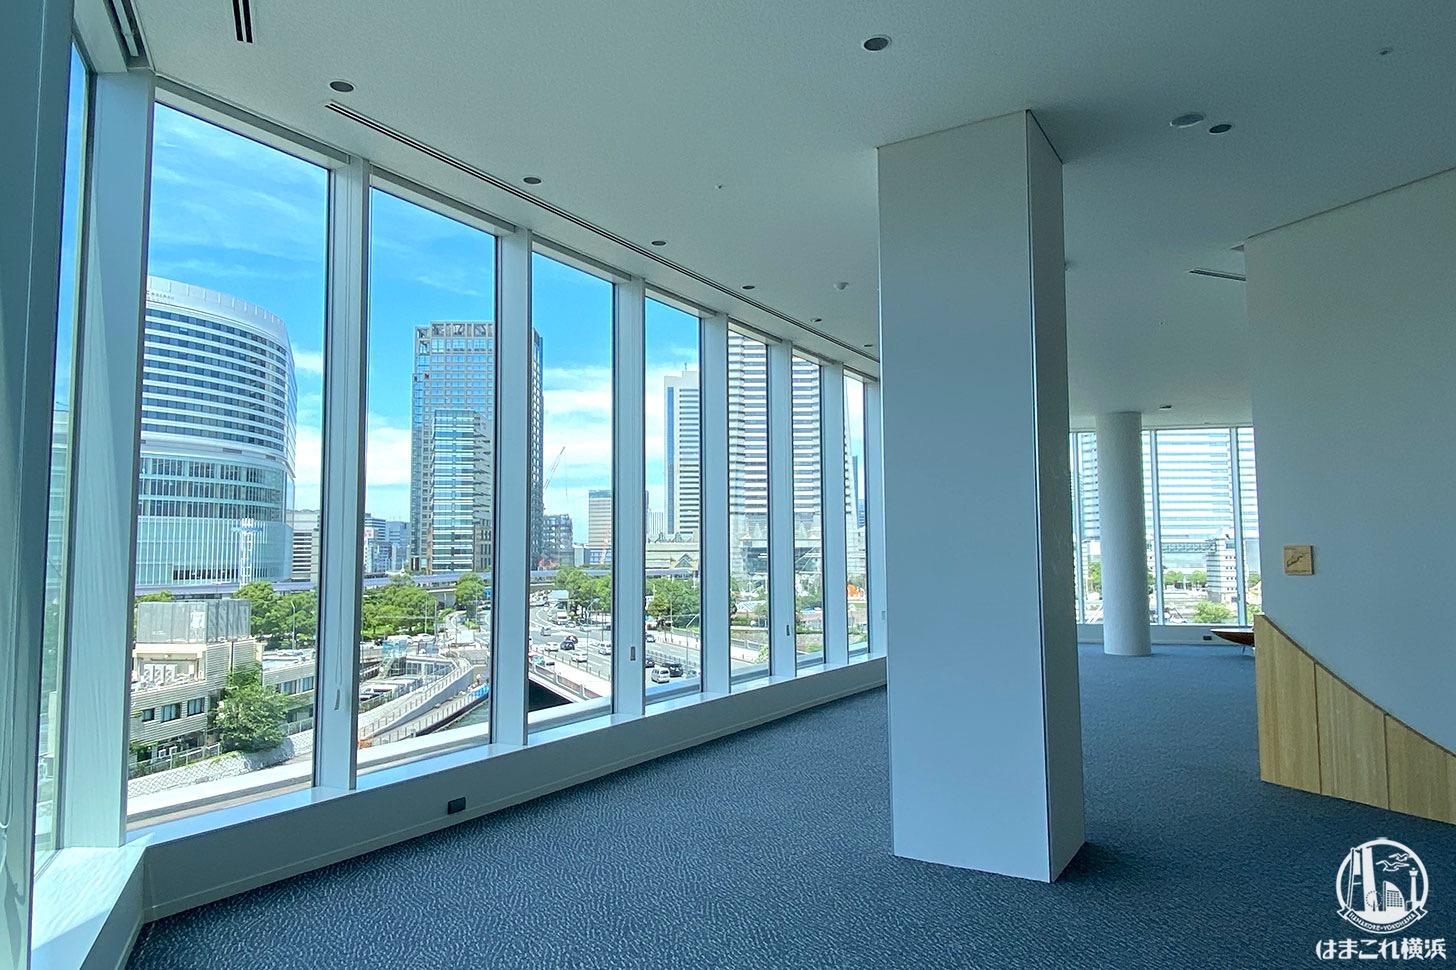 横浜市庁舎「ラウンジ」から見た景色